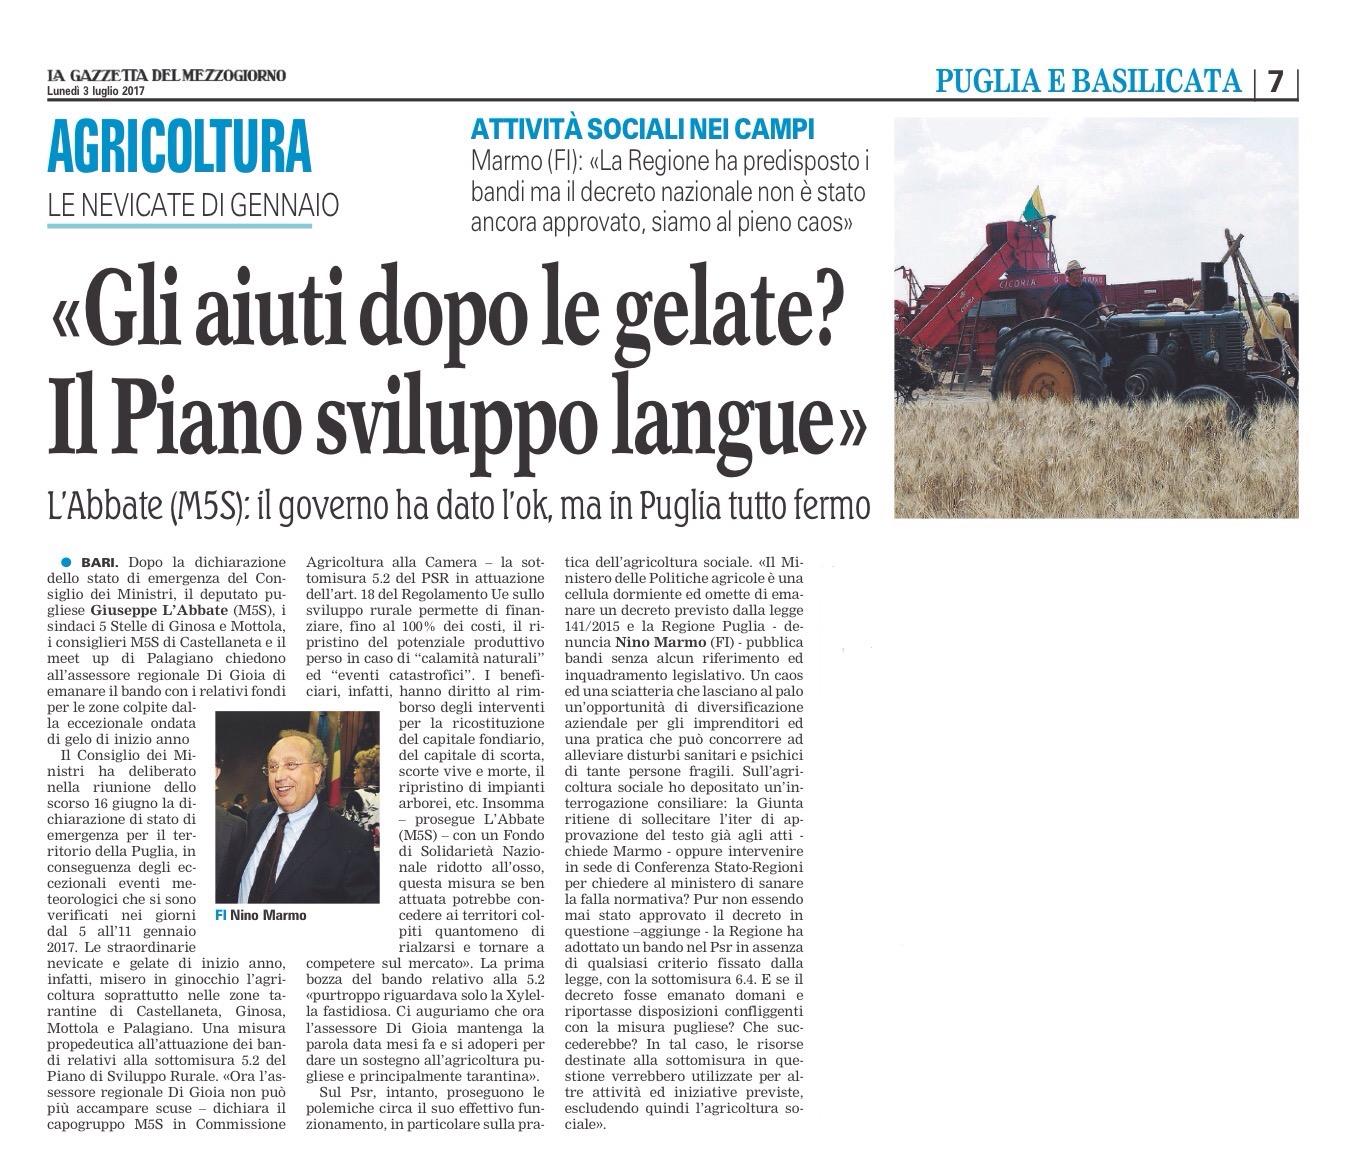 La Gazzetta del Mezzogiorno - 03.07.2017